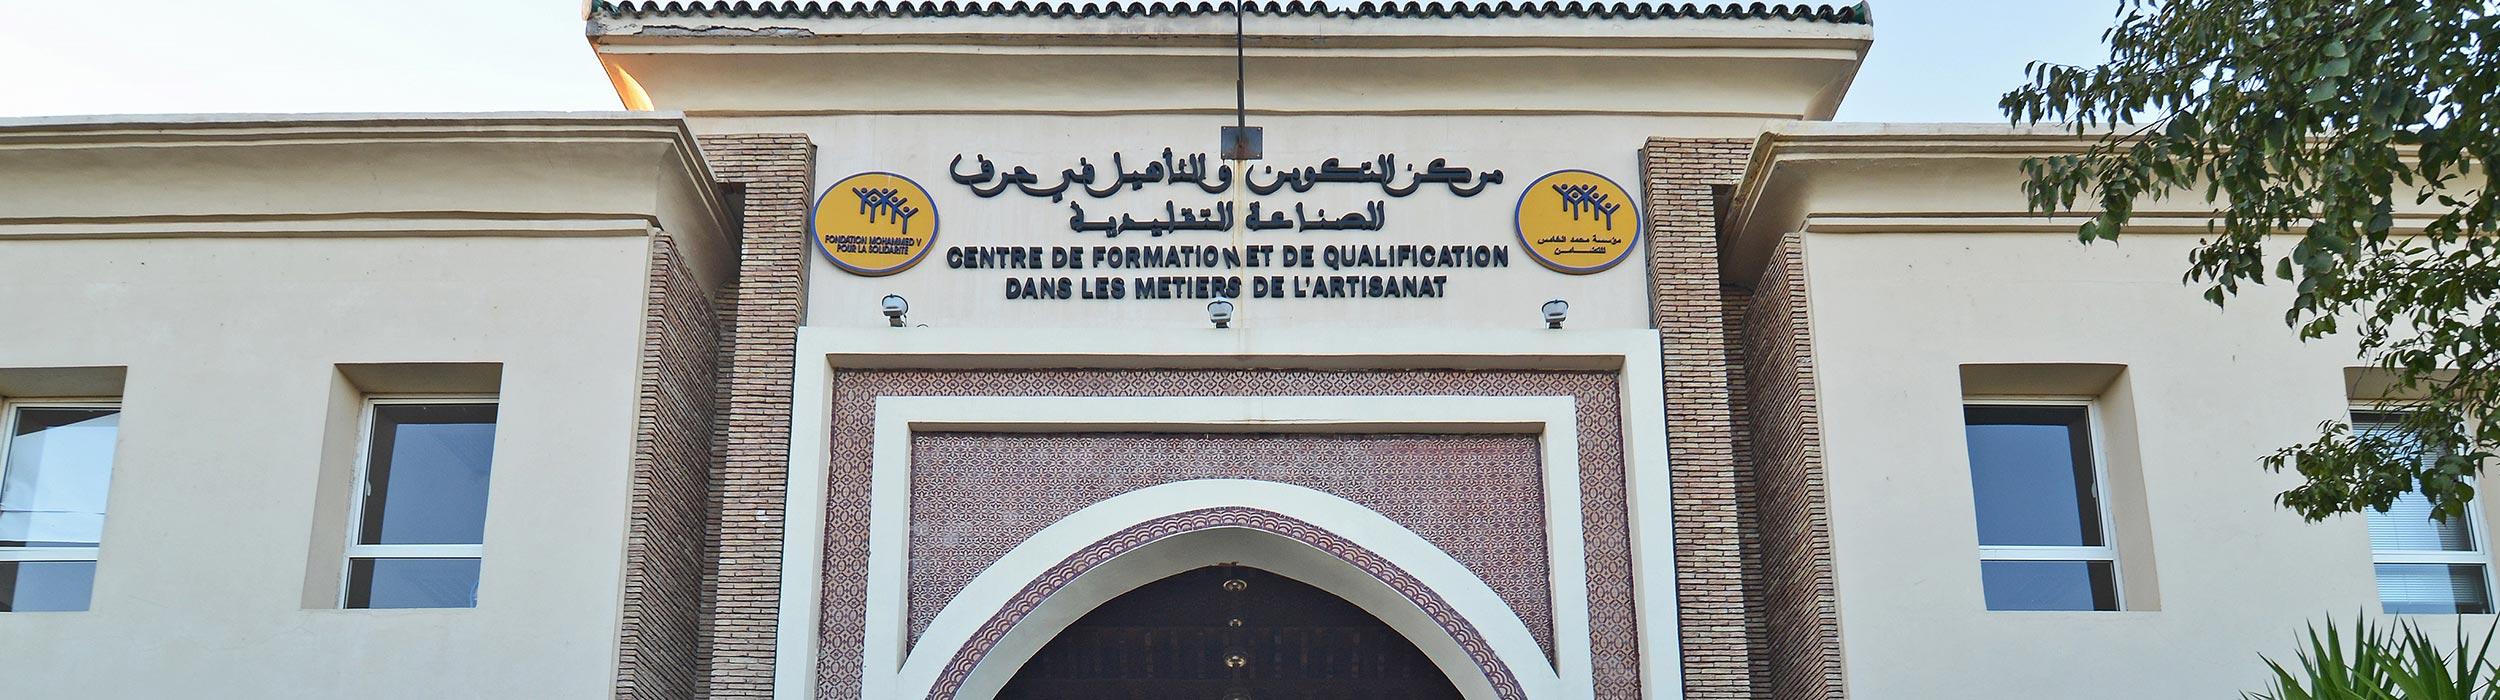 Centres pour la Formation et la Qualification dans les Métiers de l'Artisanat